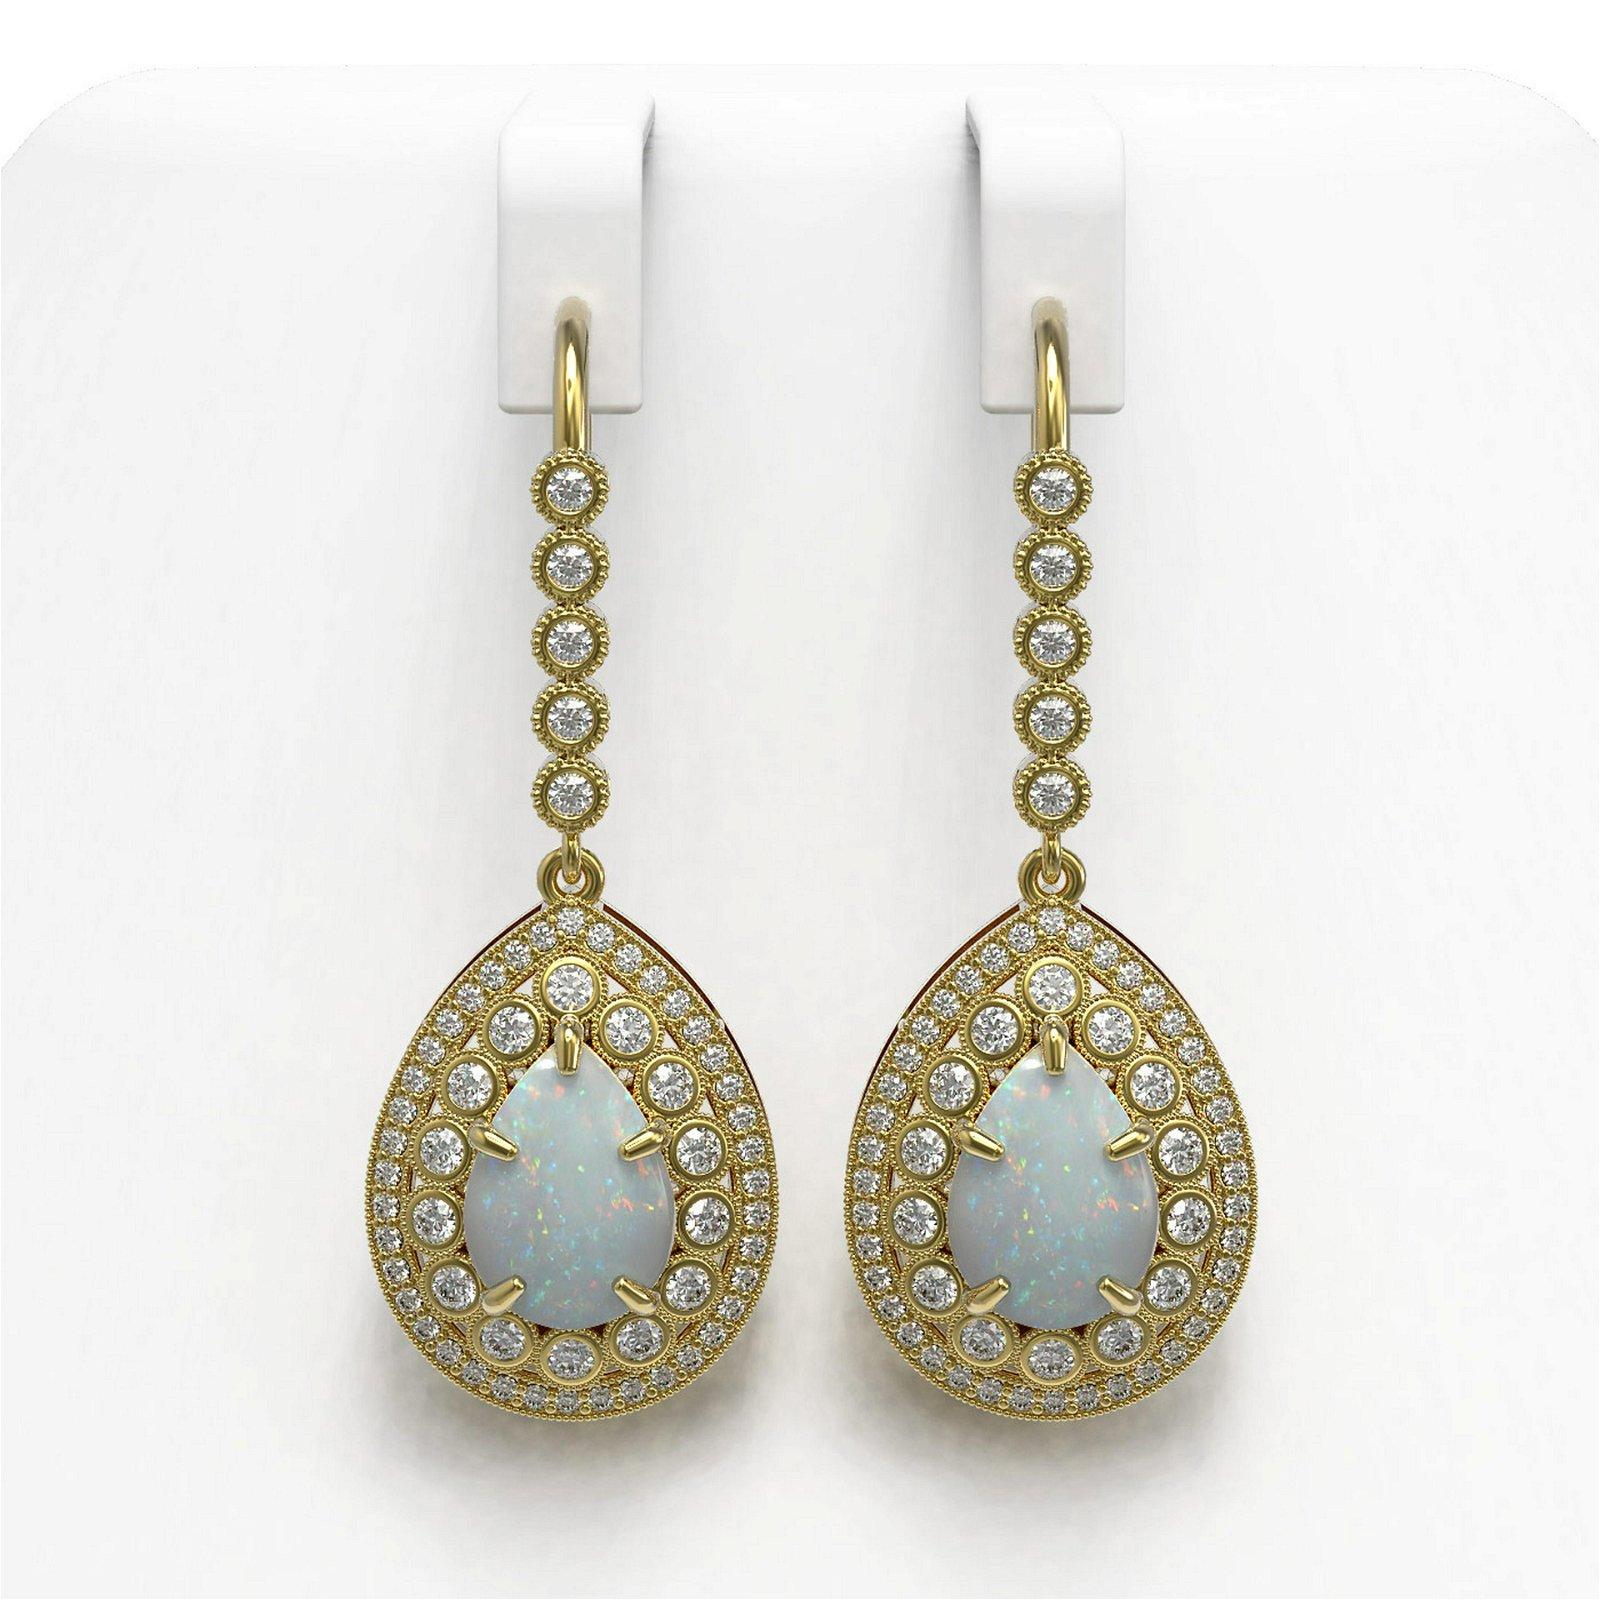 8.29 ctw Opal & Diamond Earrings 14K Yellow Gold -